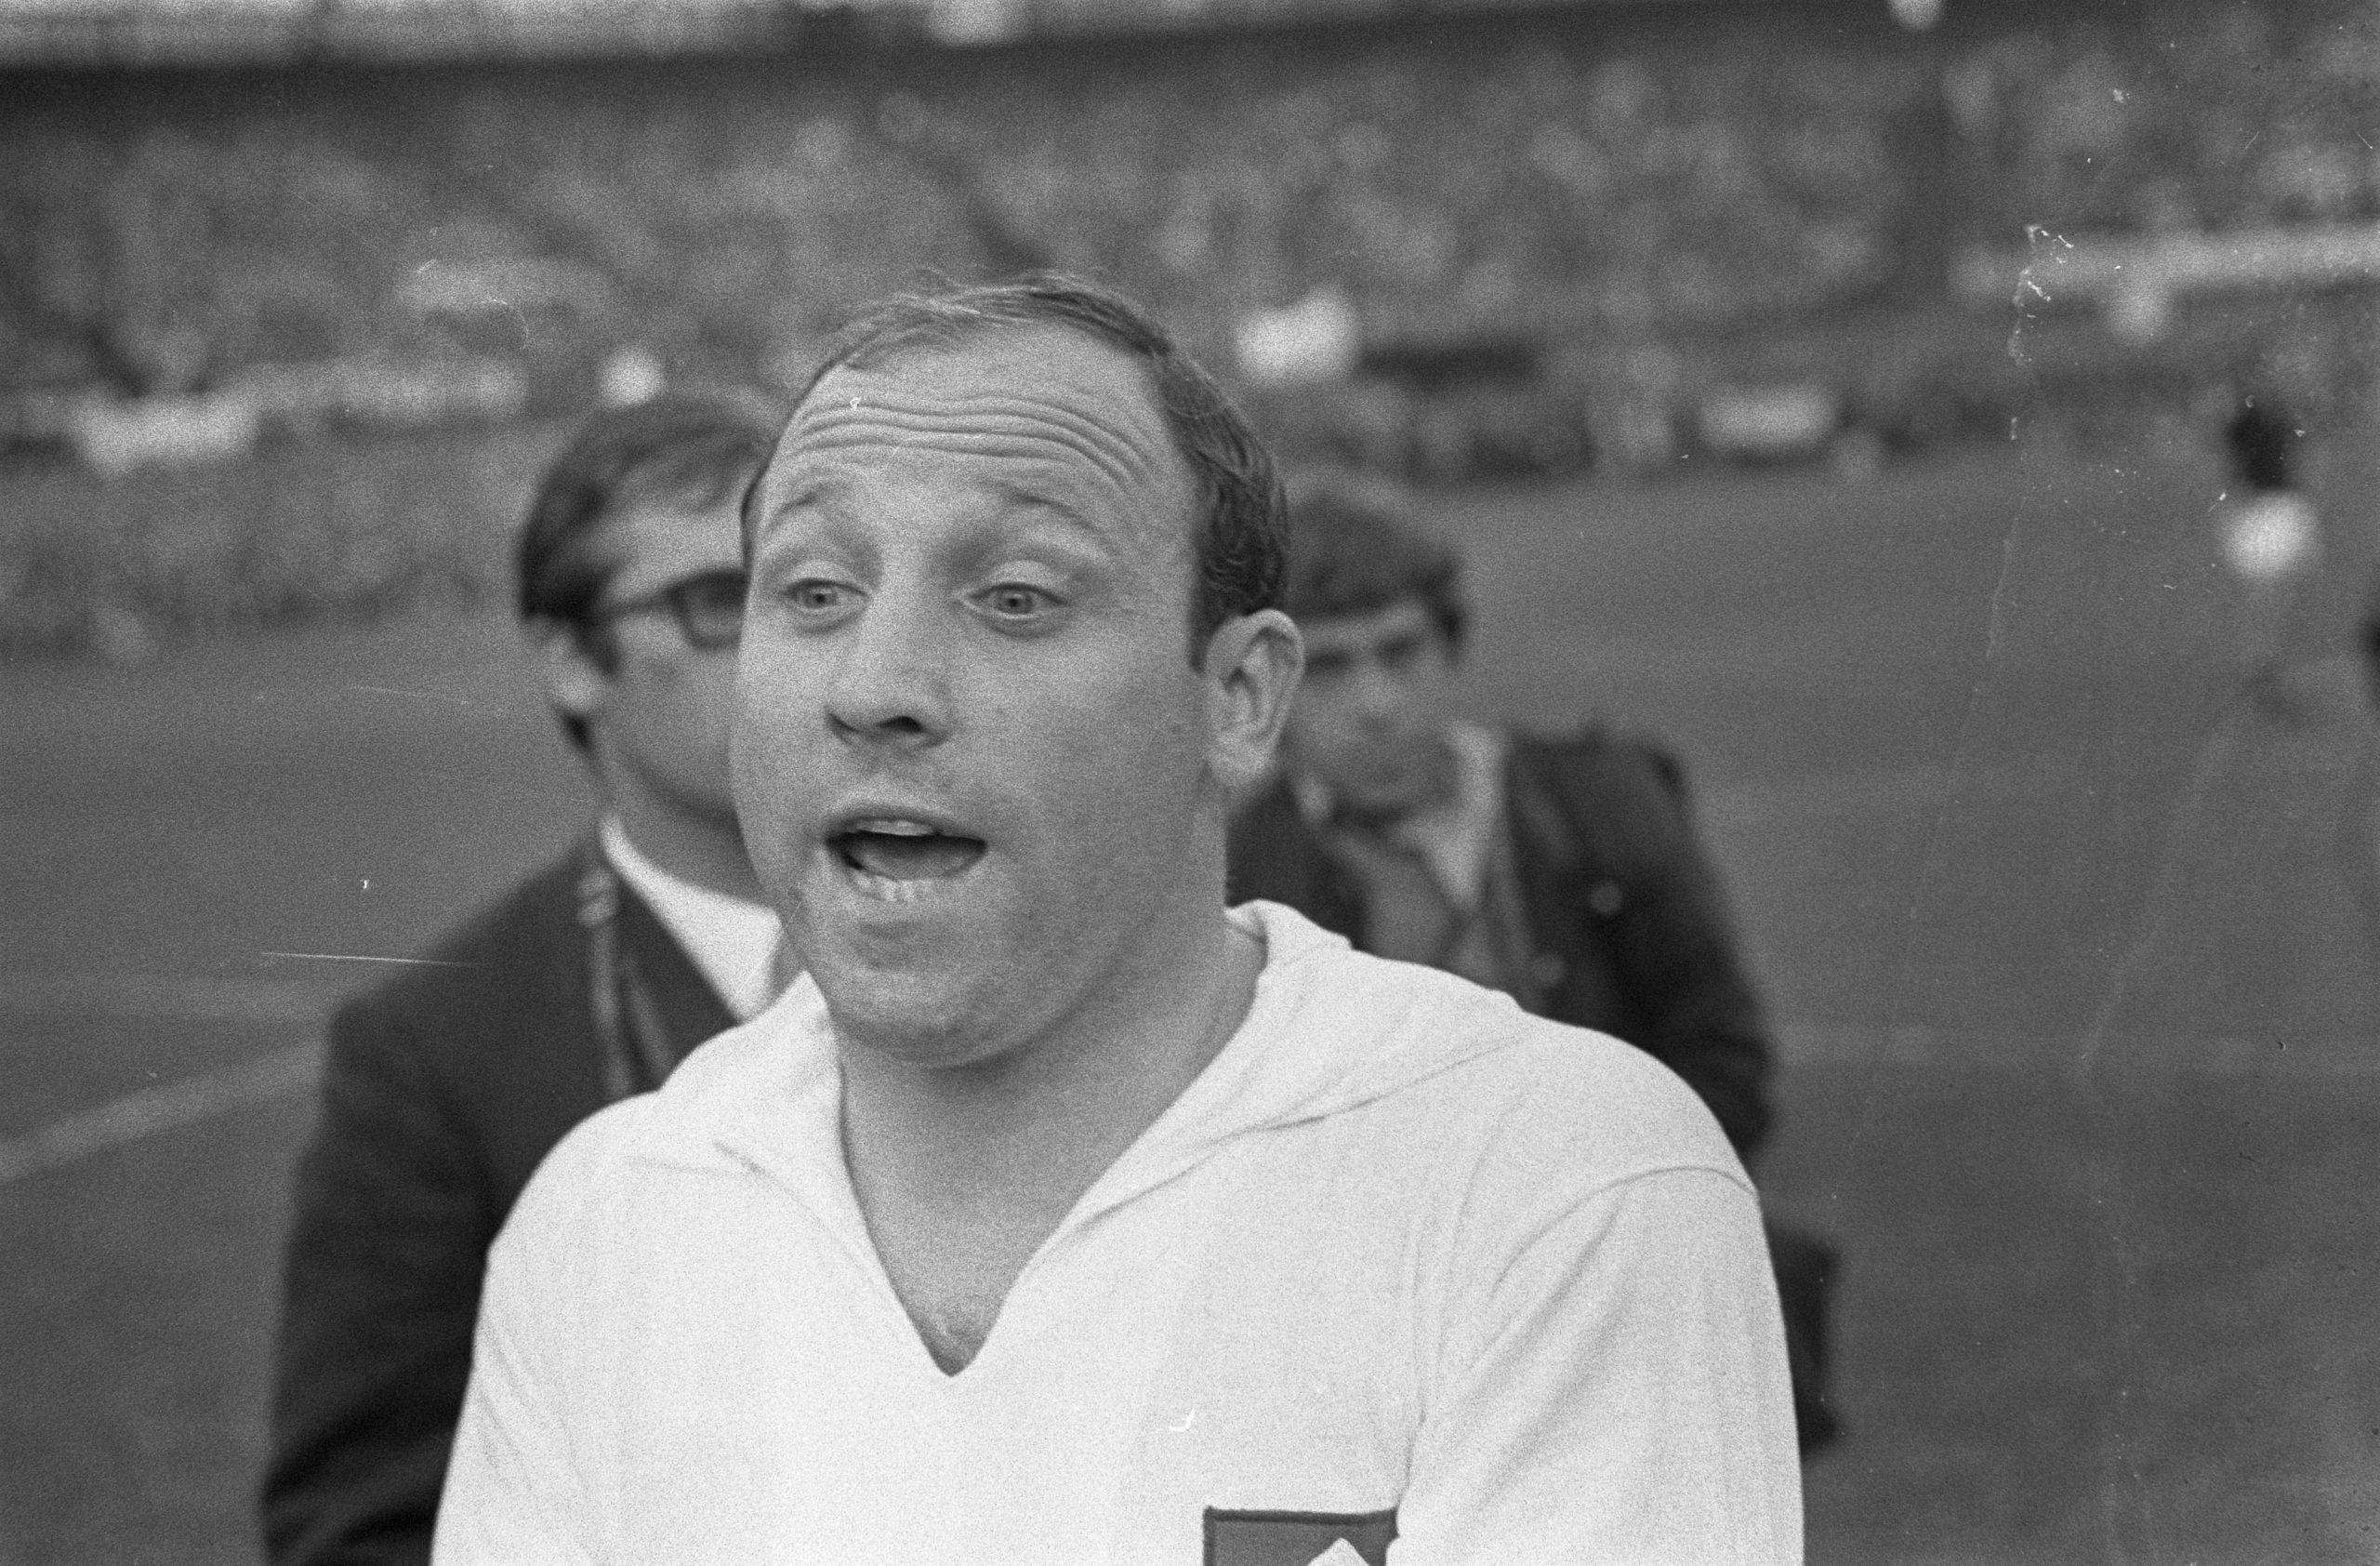 Uwe Seeler — Fußball-Idol